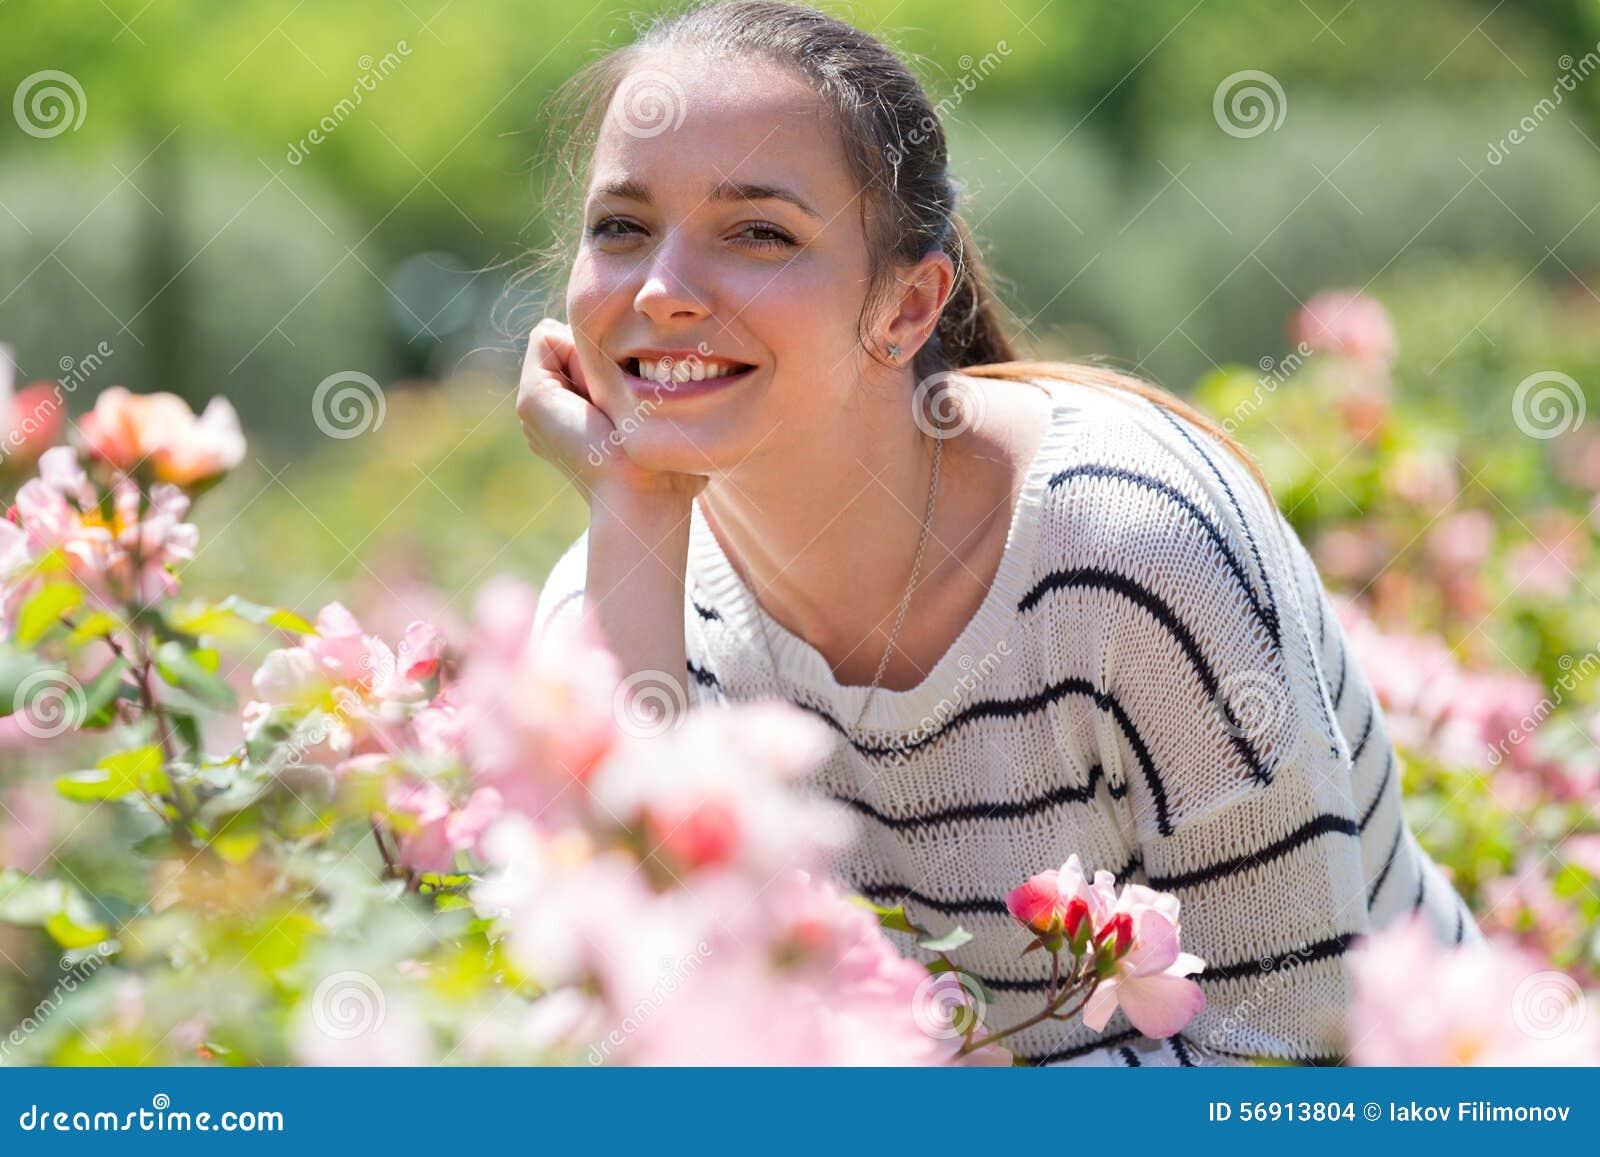 Υπαίθριο πορτρέτο της χαμογελώντας γυναίκας